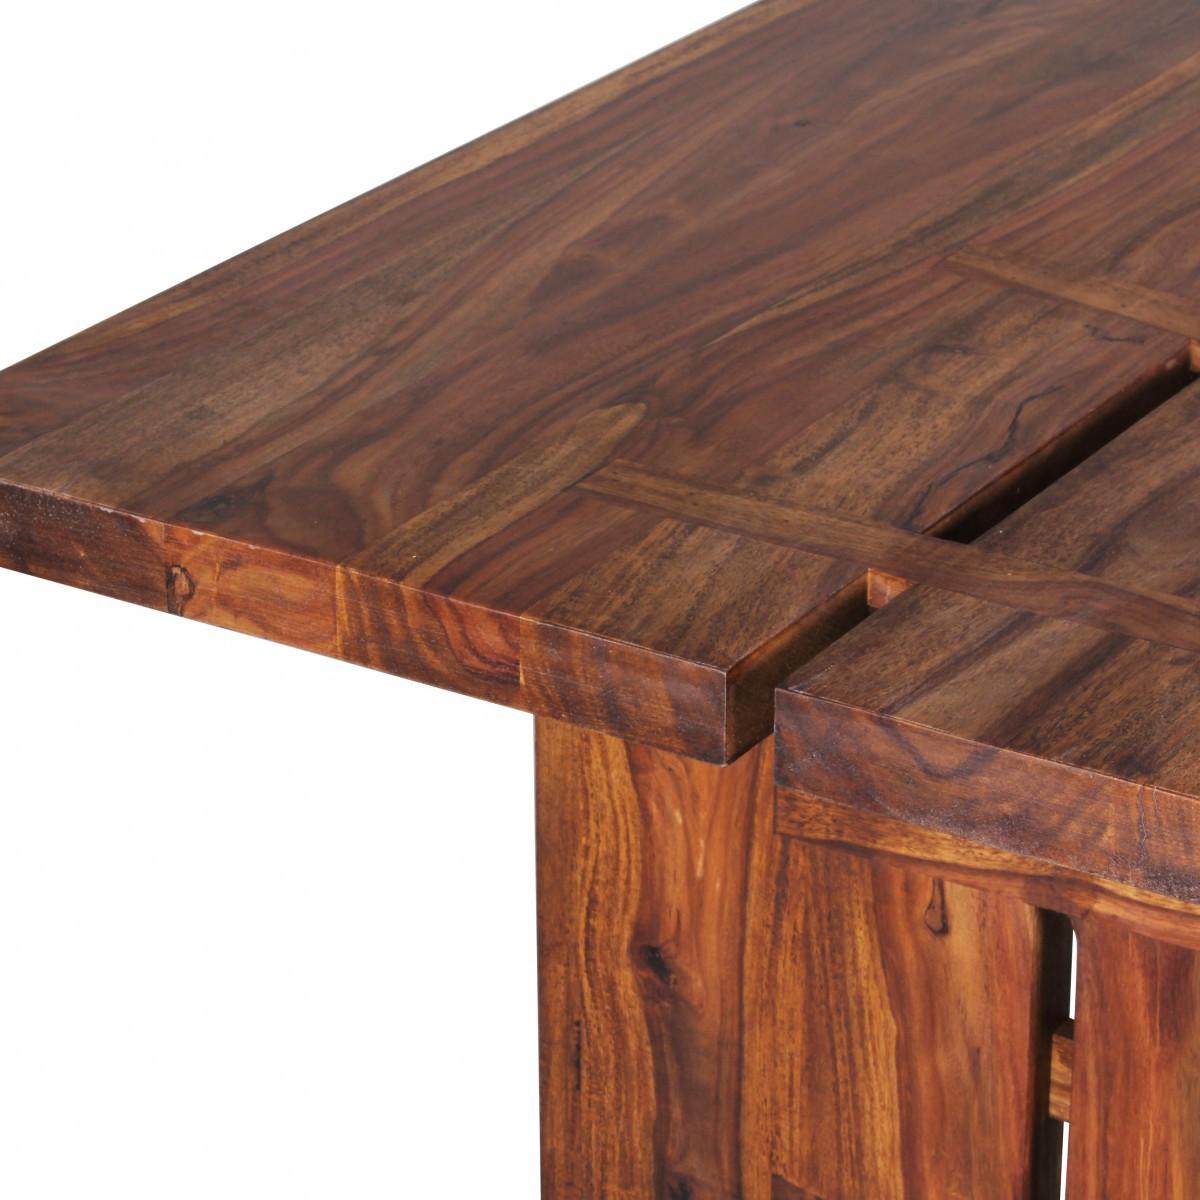 Holztisch design esstisch  FineBuy Esstisch Massivholz Sheesham 140 cm Esszimmer-Tisch ...